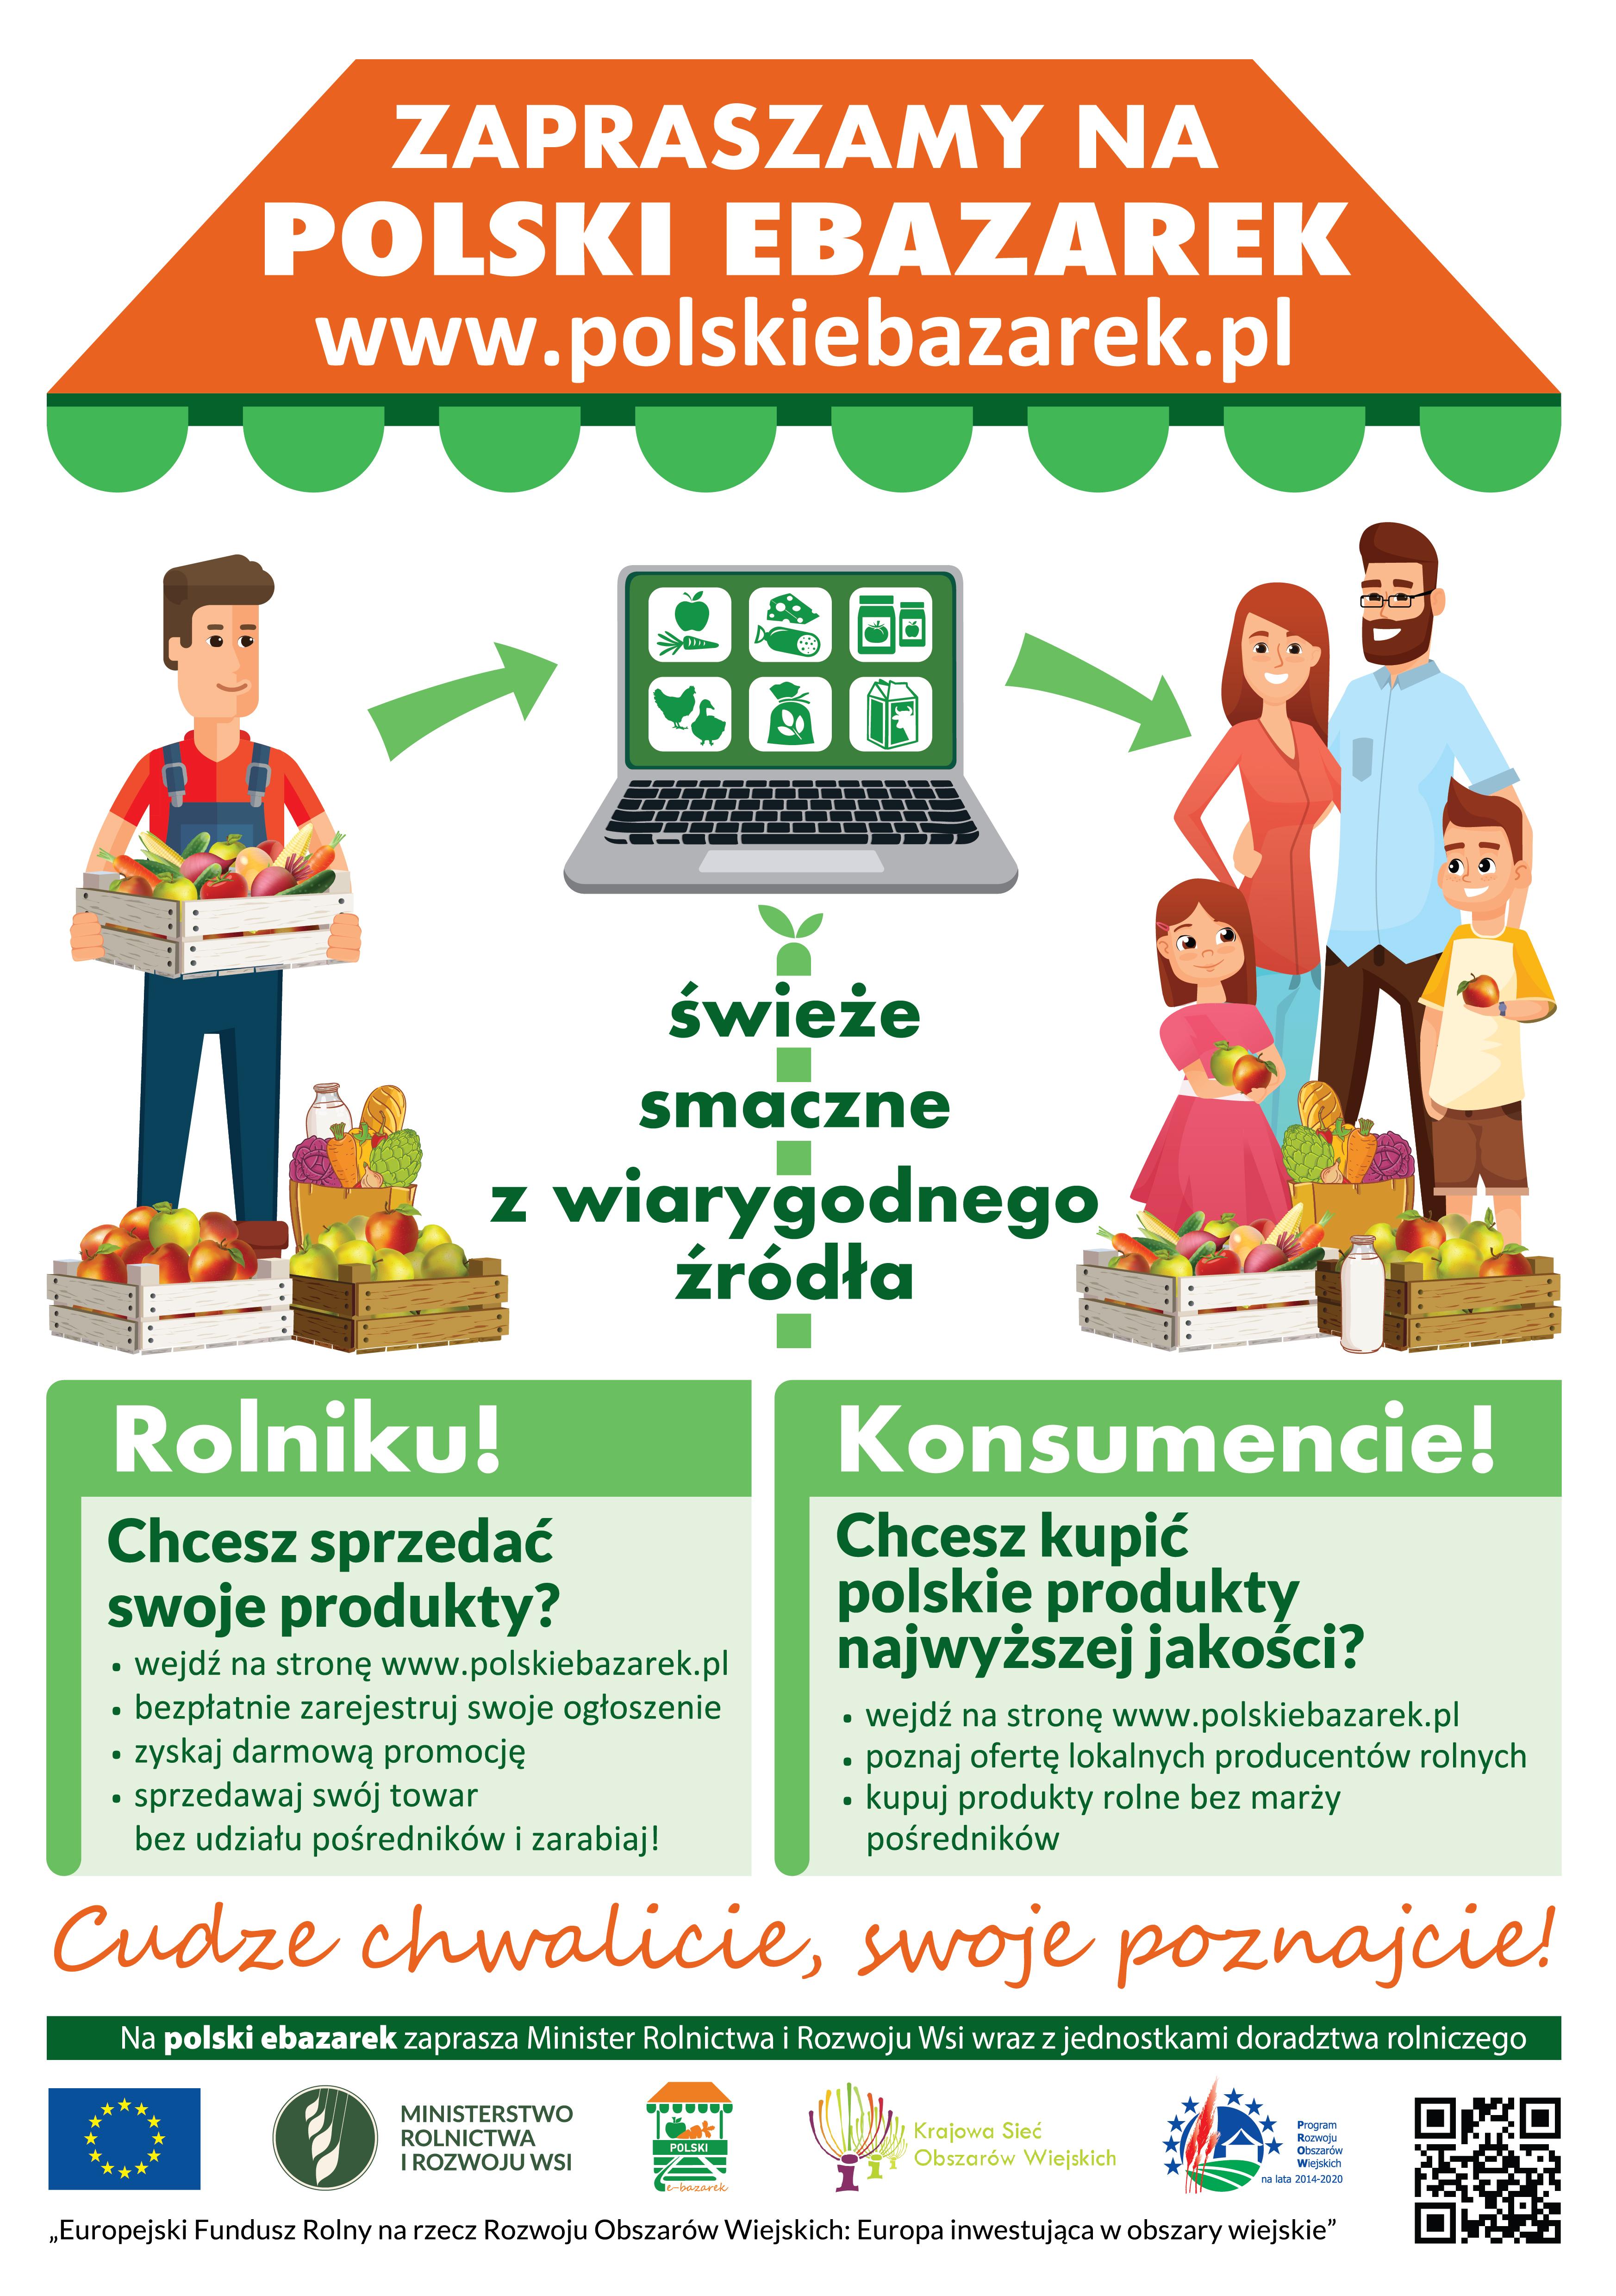 https://m.powiatszczycienski.pl/2020/08/orig/plakat-a3-polskiebazarek-1-33665.jpg